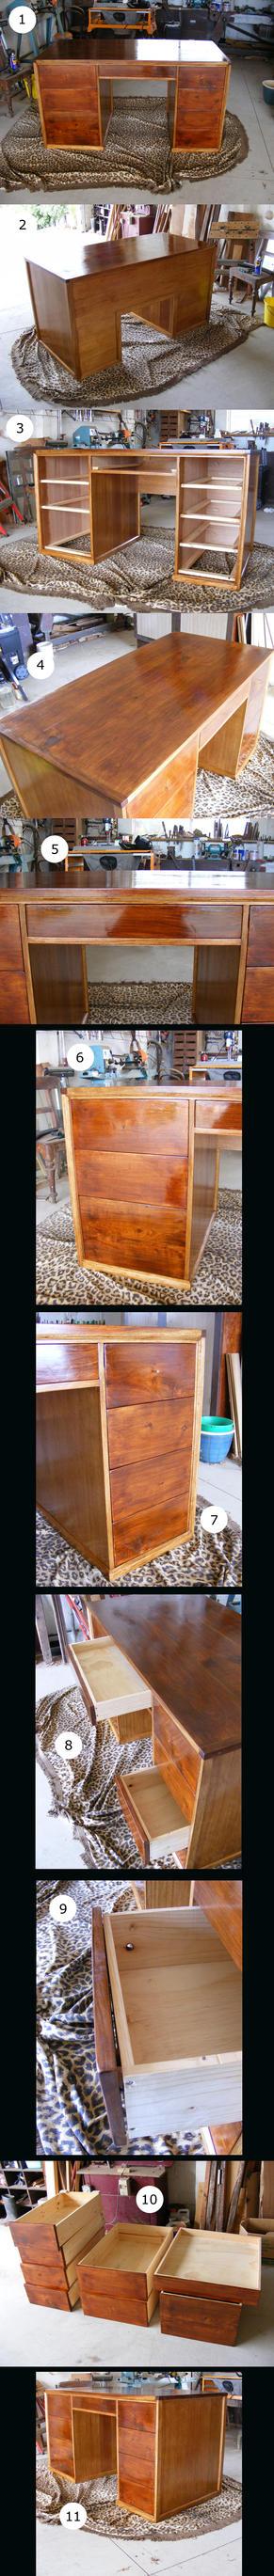 Desk pt 3 by palooka-jock